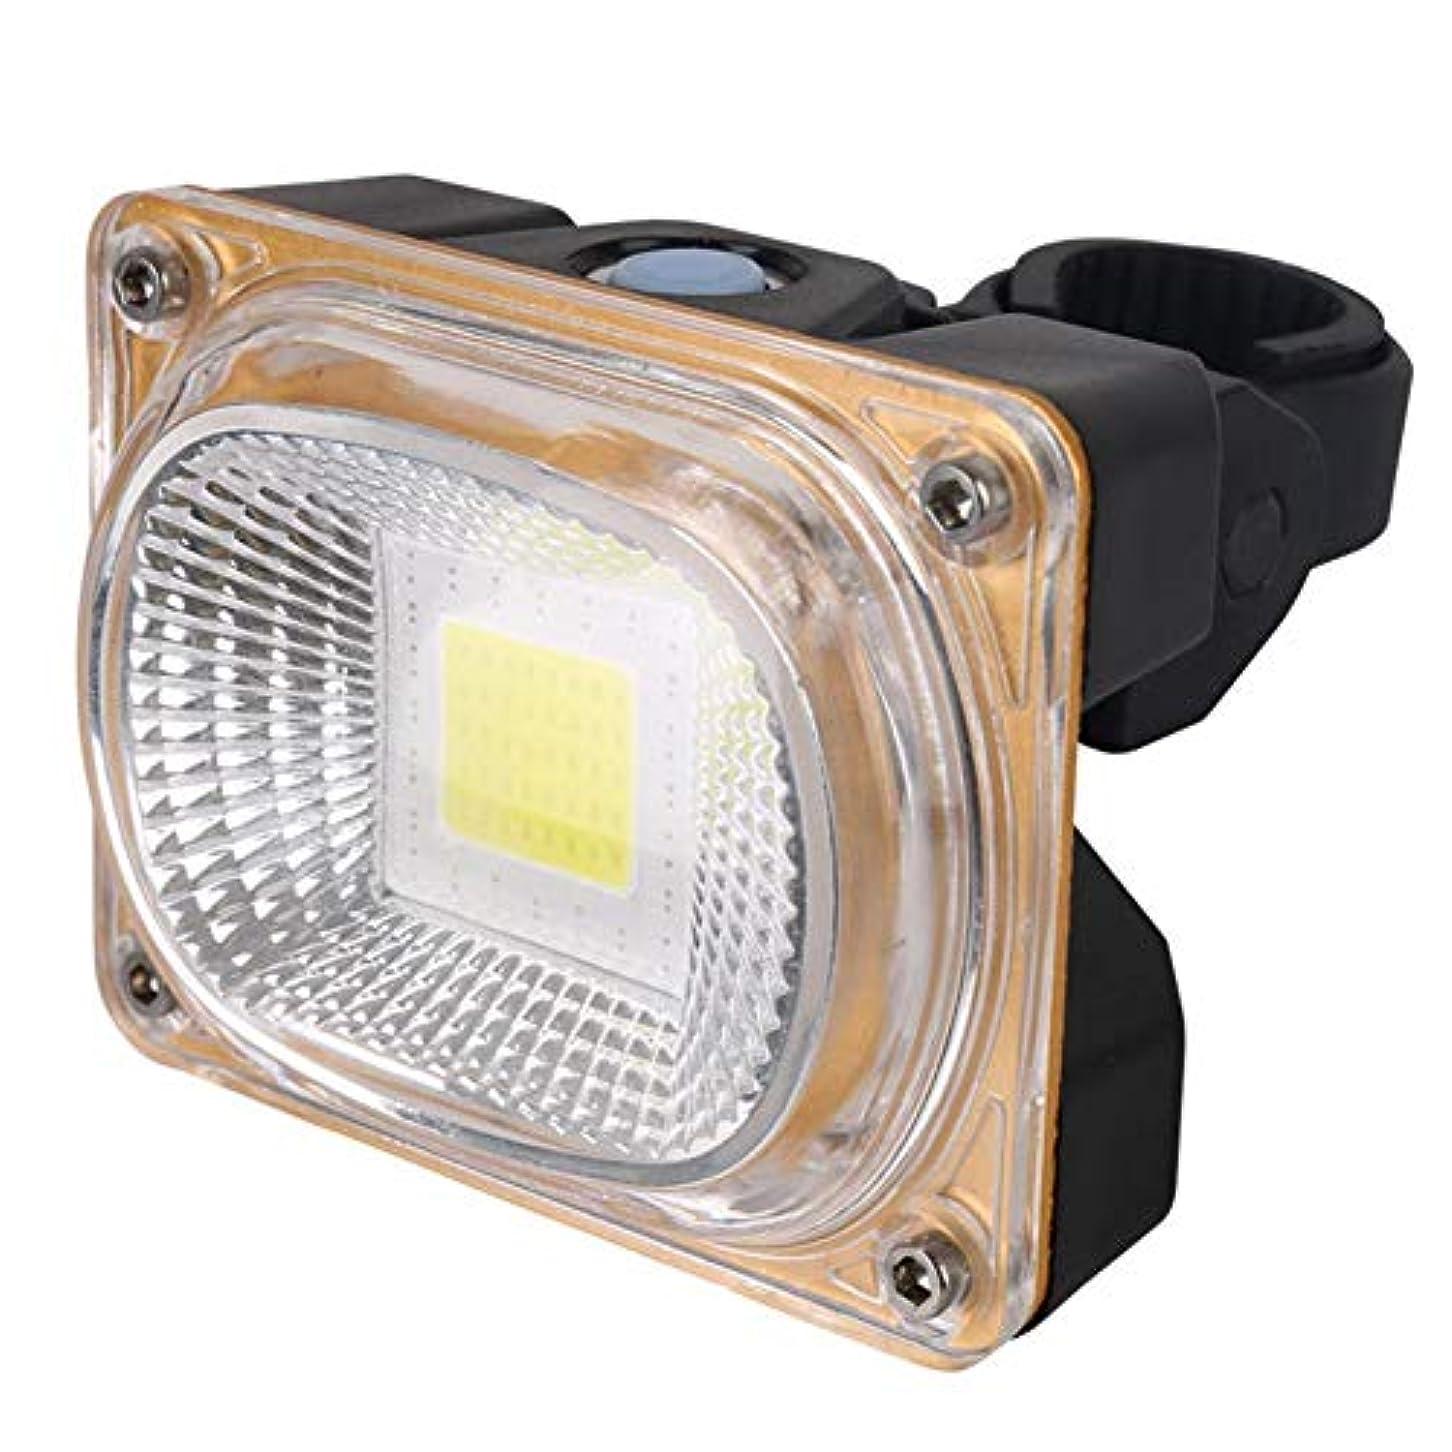 現金合理化美的Runcircle LEDテールライト リアライト 警告ライト サイクルライト自転車ライト USB充電 取り付け簡単 夜間走行の視認性 防水 自転車 サイクリング 防水 防災 軽量